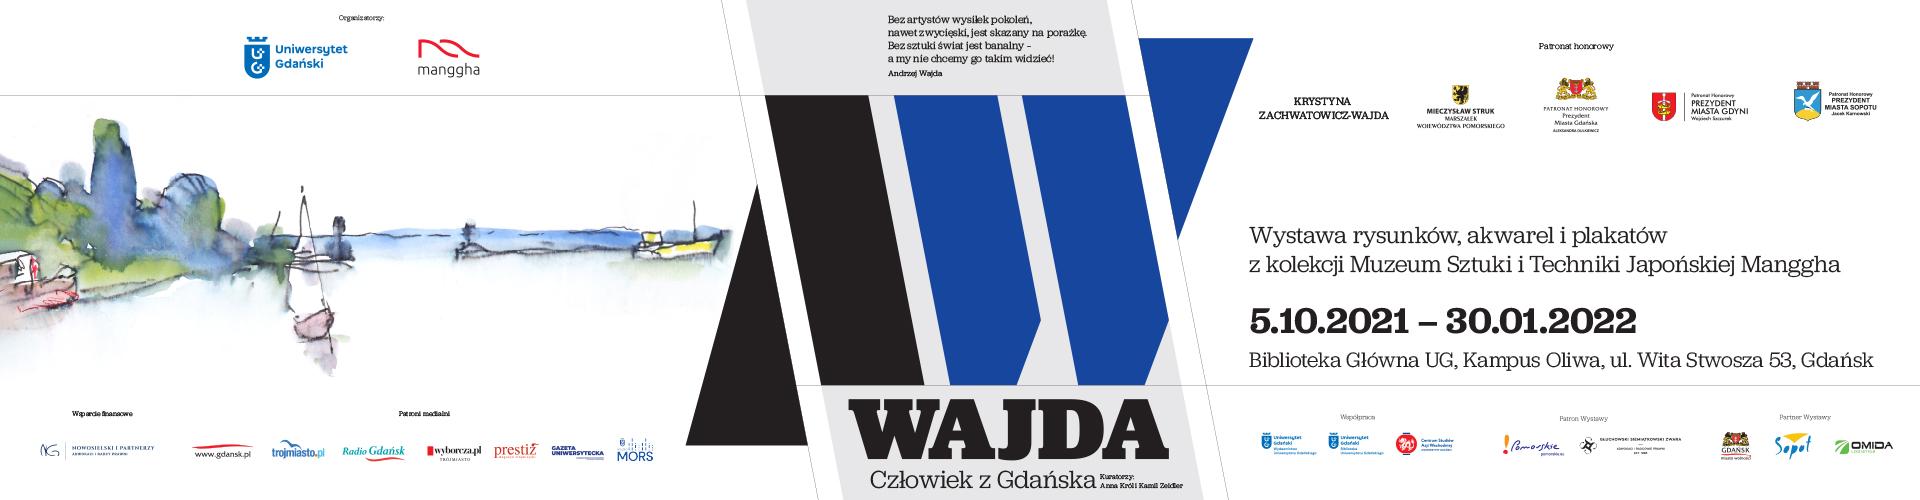 Mistrz Wajda, film i malarstwo w UG